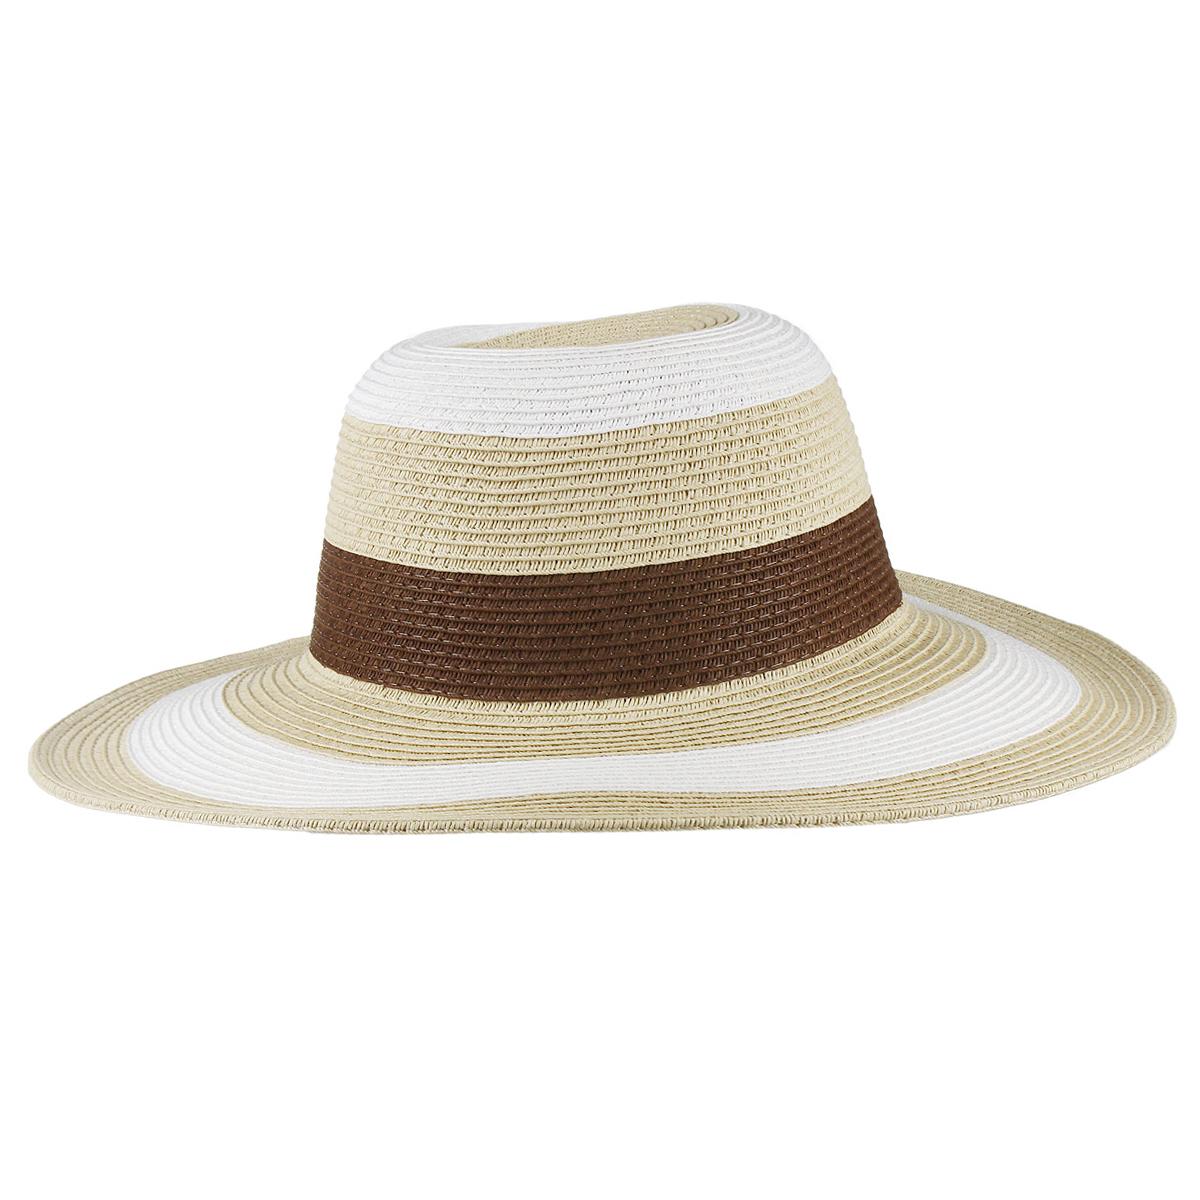 Шляпа женская Bahamian1966080Летняя женская шляпа Canoe Bahamian, выполненная из искусственной соломы и прочного полиэстера, станет незаменимым аксессуаром для пляжа и отдыха на природе. Широкие поля шляпы обеспечат надежную защиту от солнечных лучей. Плетение шляпы обеспечивает необходимую вентиляцию и комфорт даже в самый знойный день. Шляпа легко восстанавливает свою форму после сжатия. Стильная шляпа с элегантными волнистыми полями подчеркнет вашу неповторимость и дополнит ваш повседневный образ.